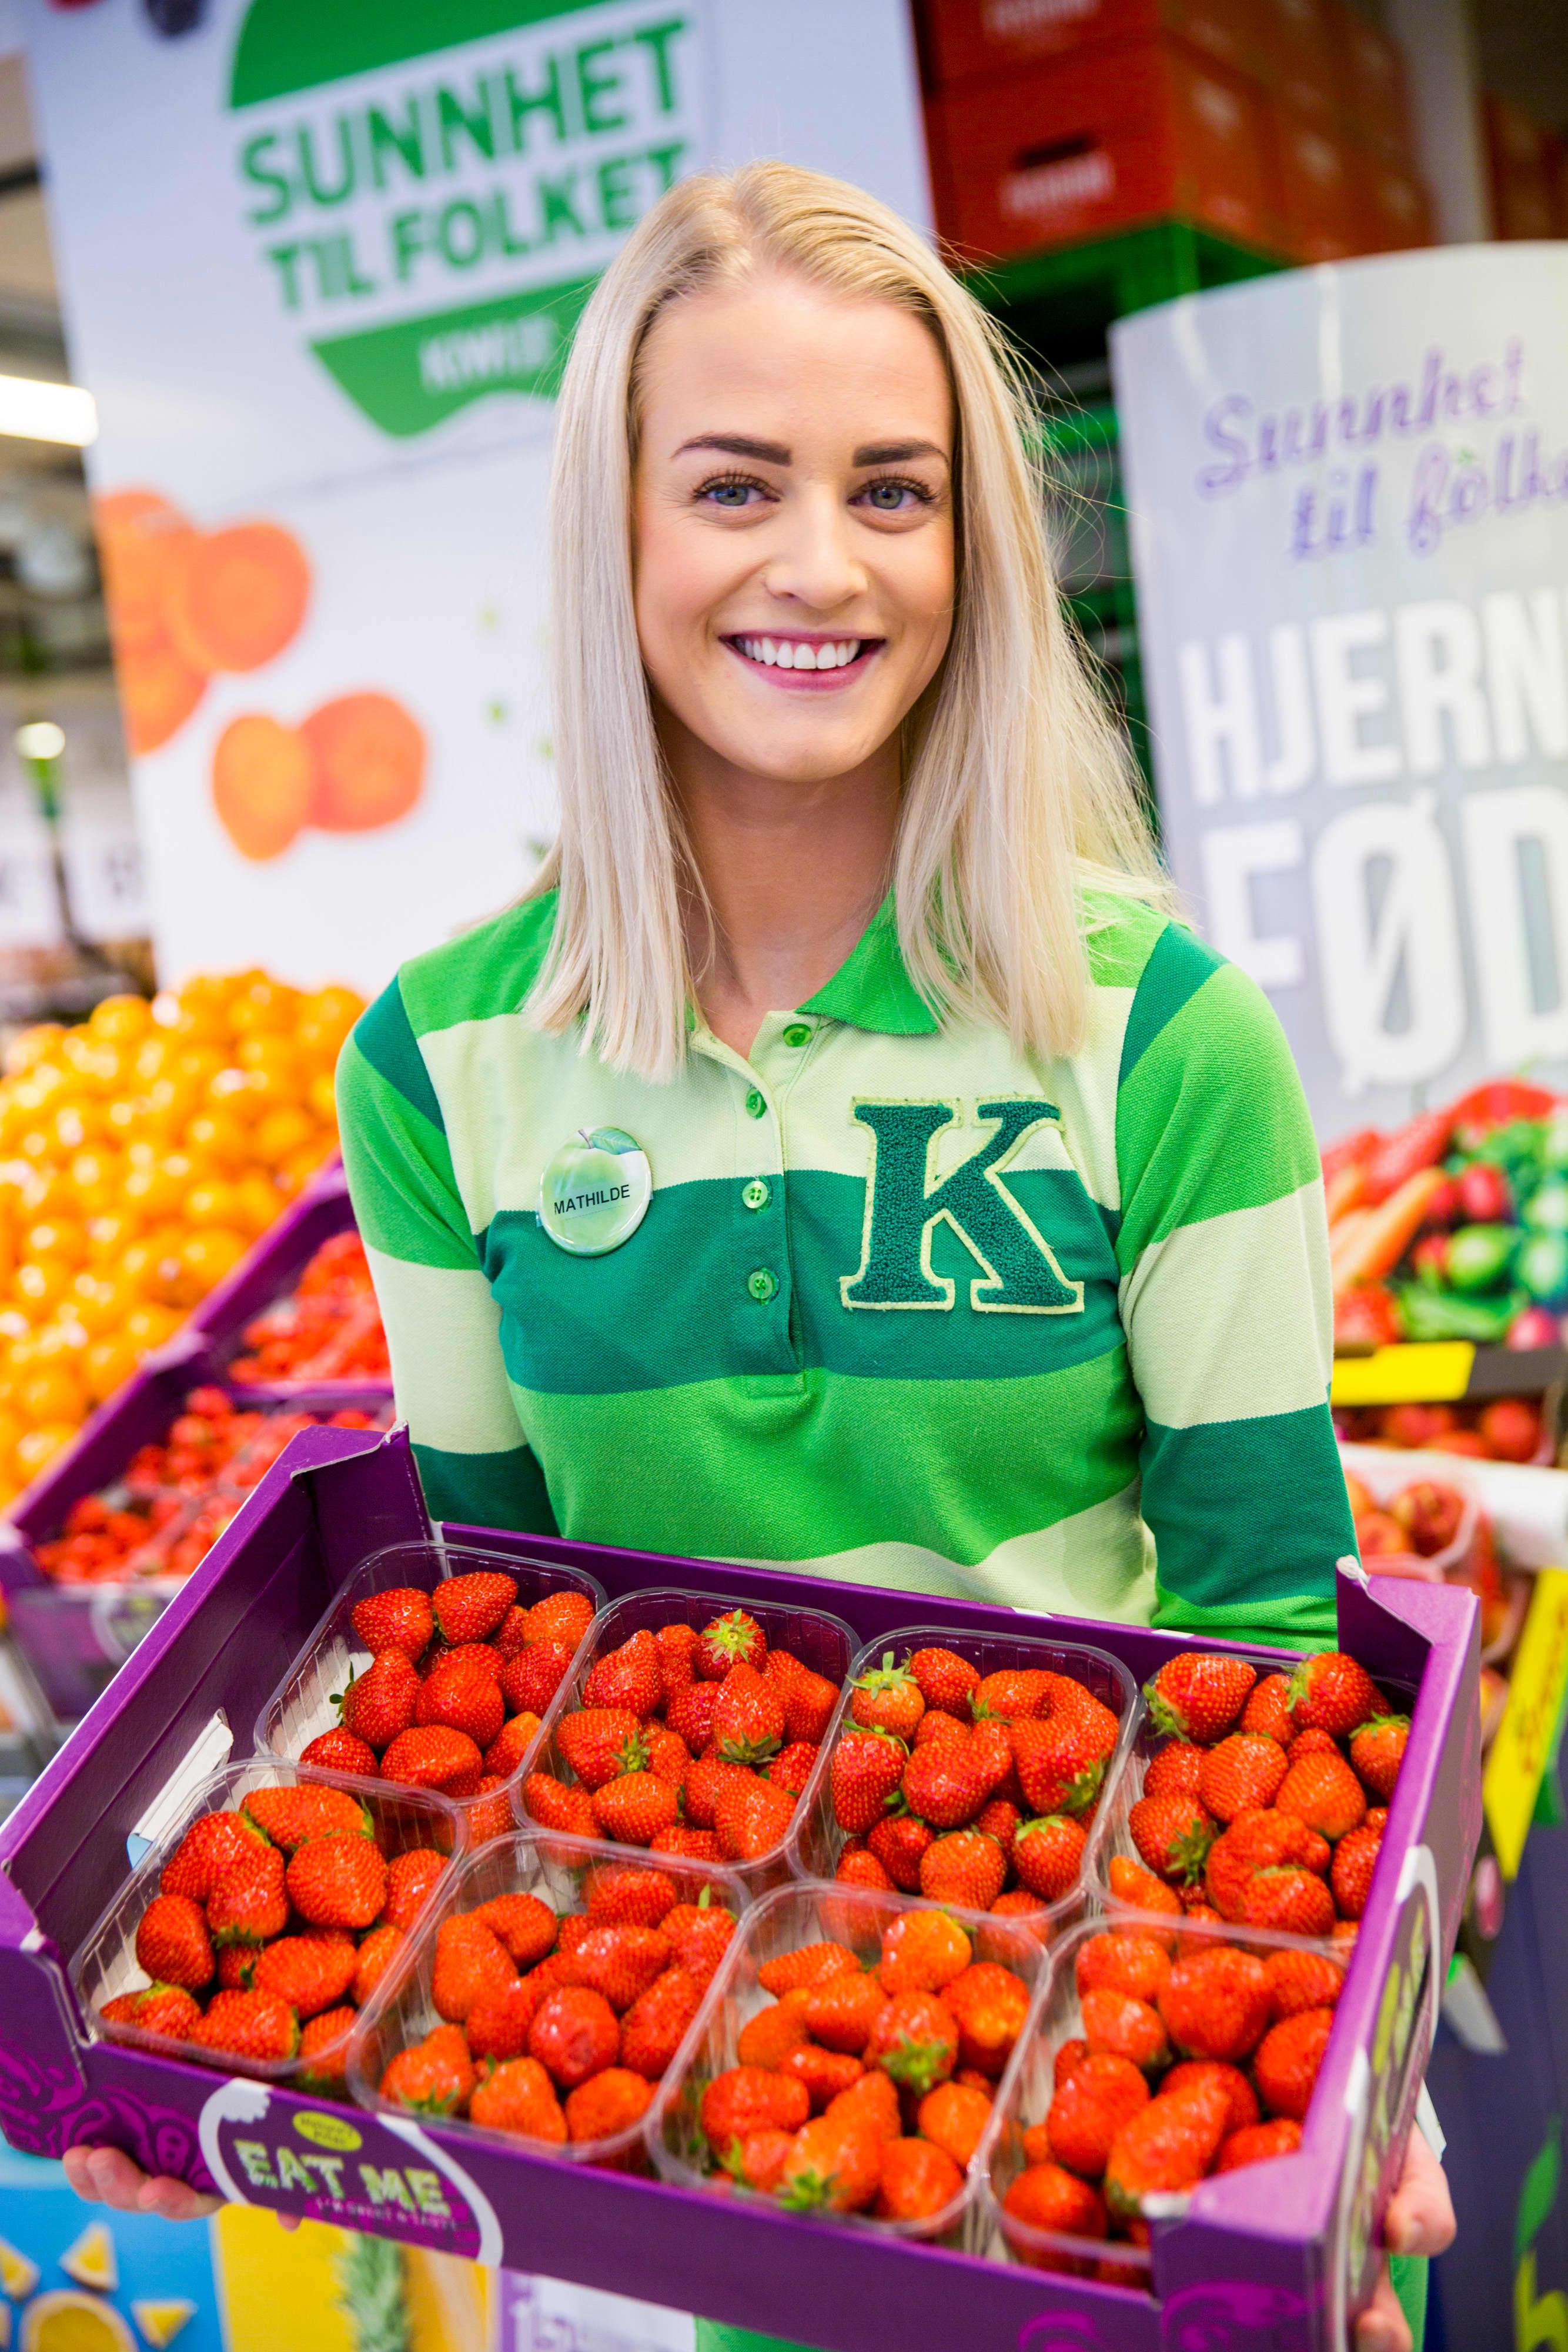 JORDBÆRREKORD: Vi kjøpte en halv million kurver jordbær hos KIWI siste uke i mai